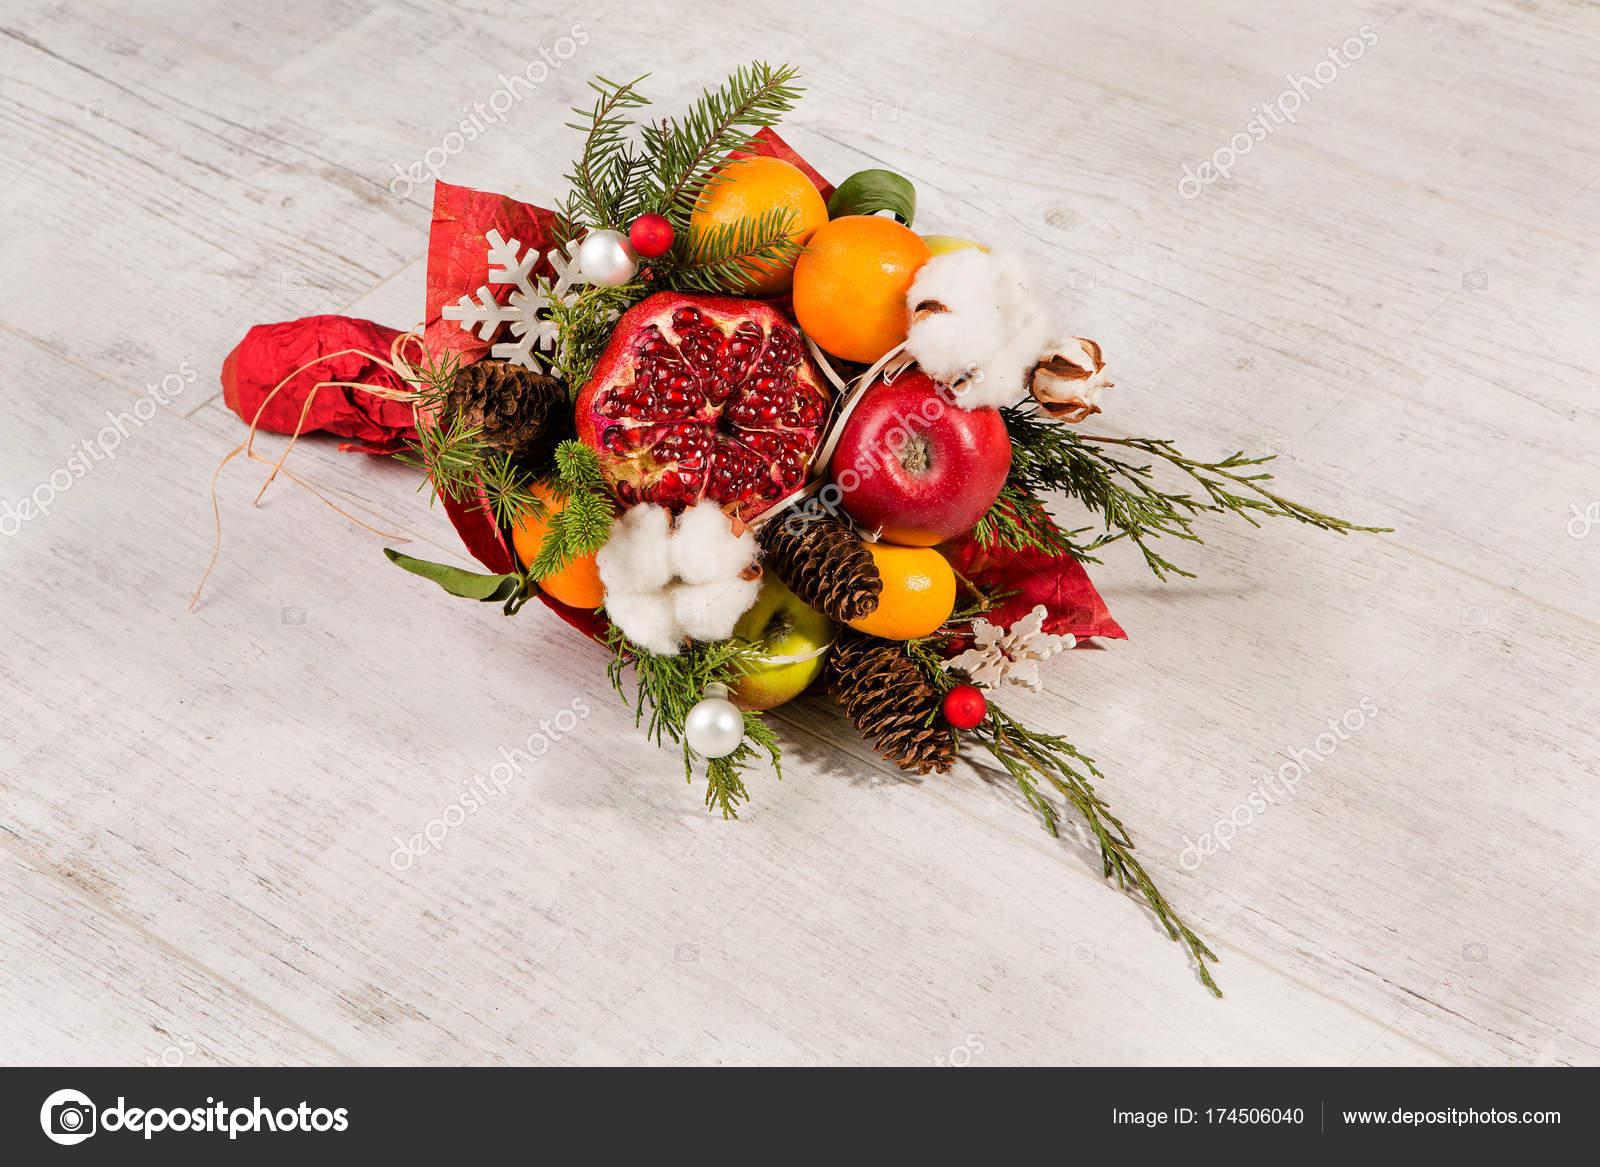 Mazzo Di Fiori Originale.Colorful Original Bouquet Of Fruits And Flowers Stock Photo